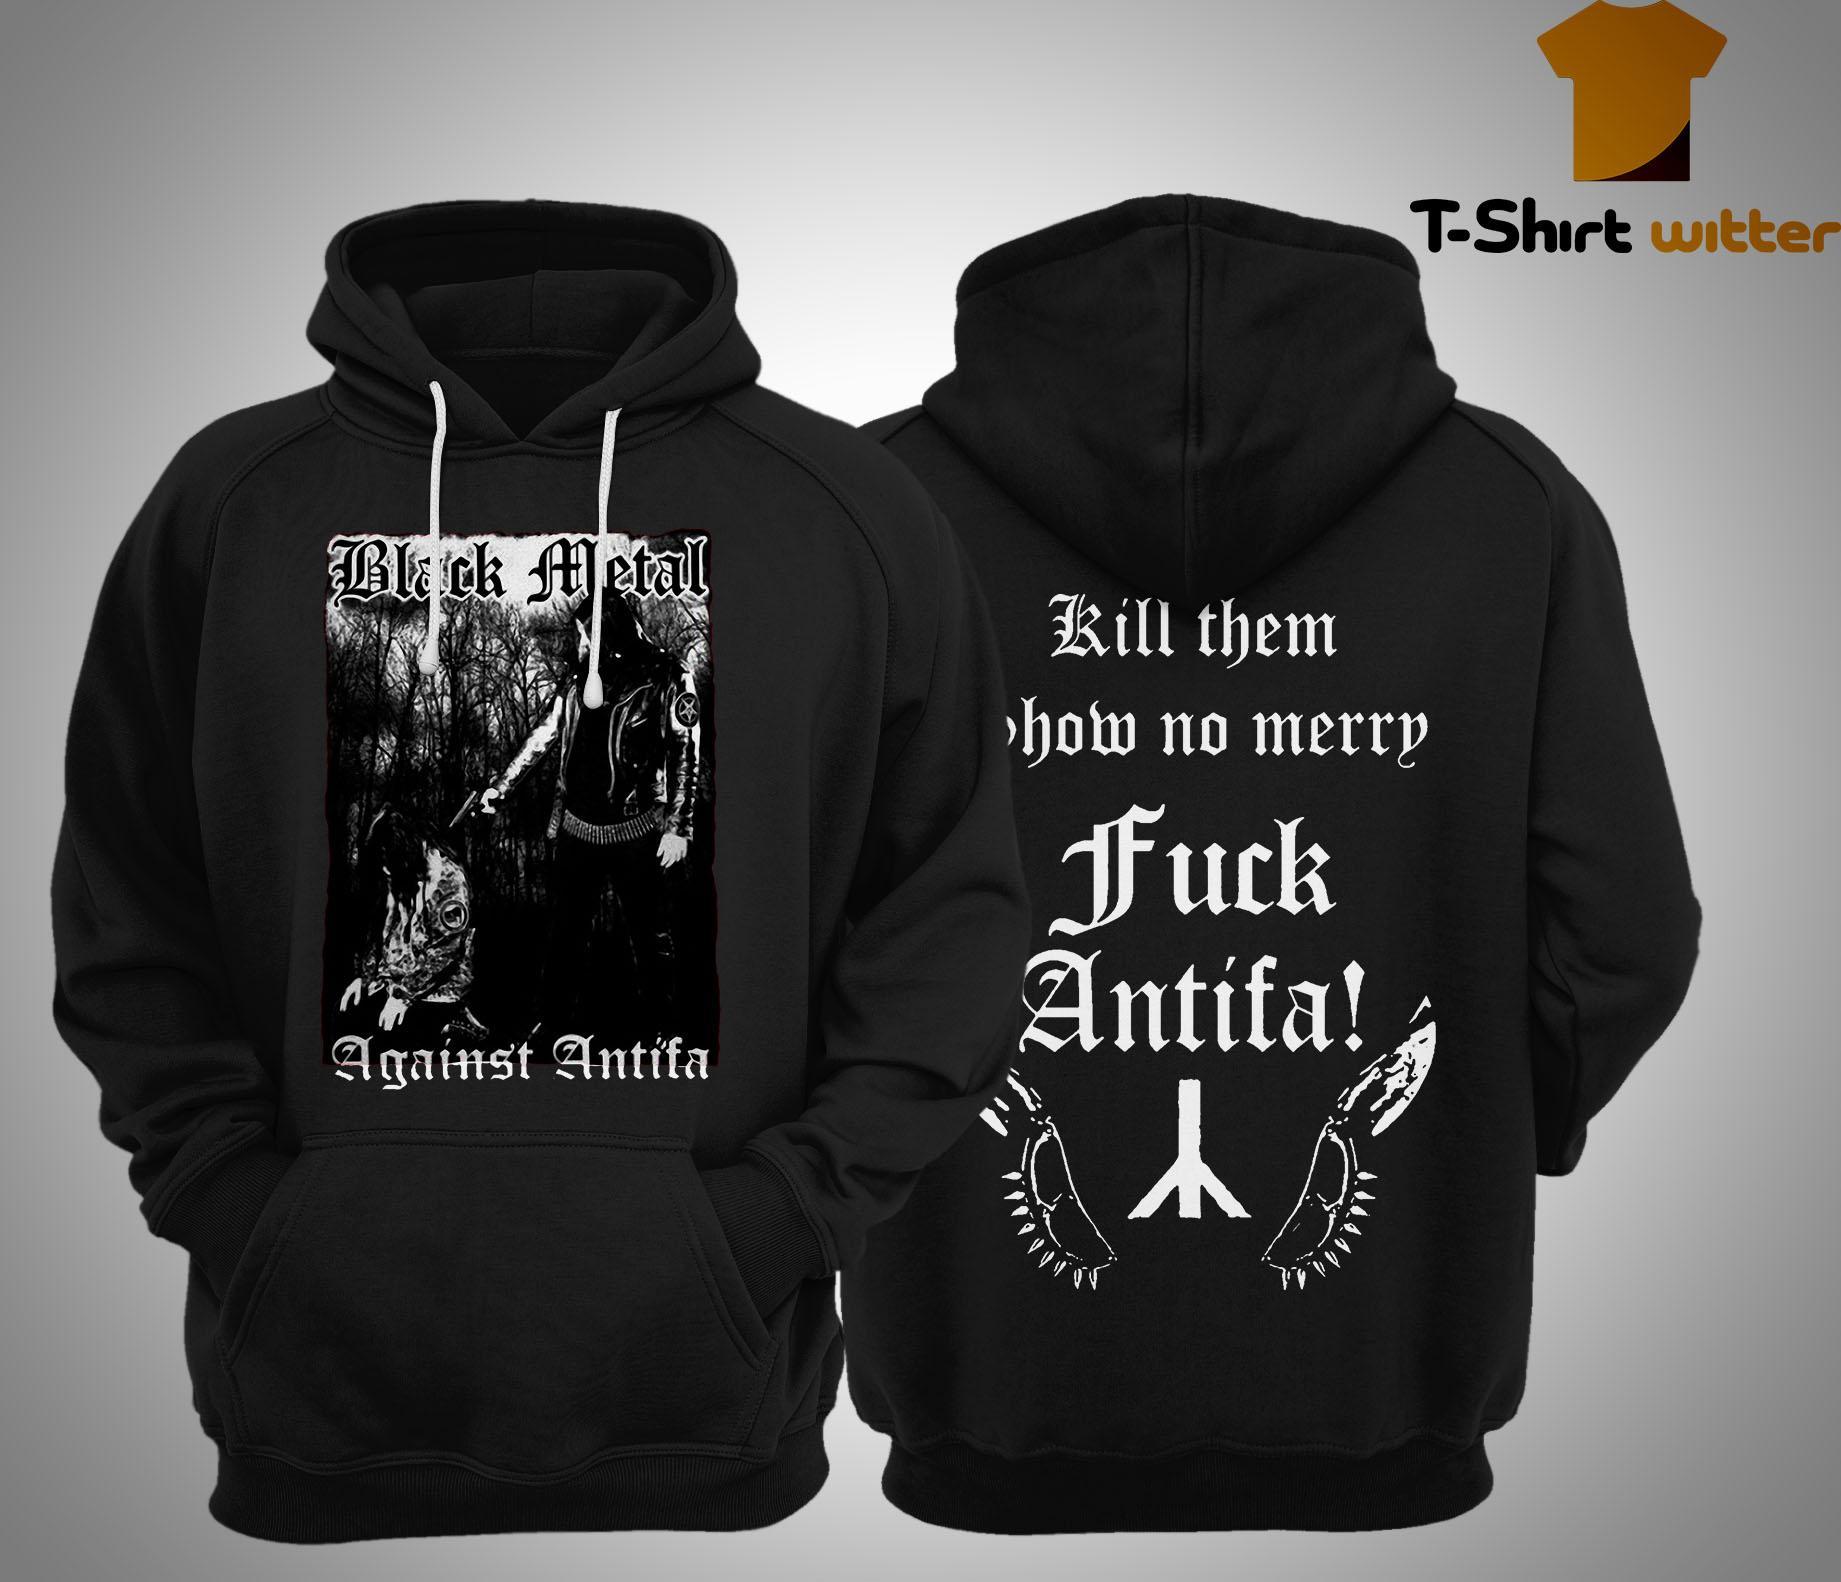 Behemoth Frontman Black Metal Against Antifa Hoodie